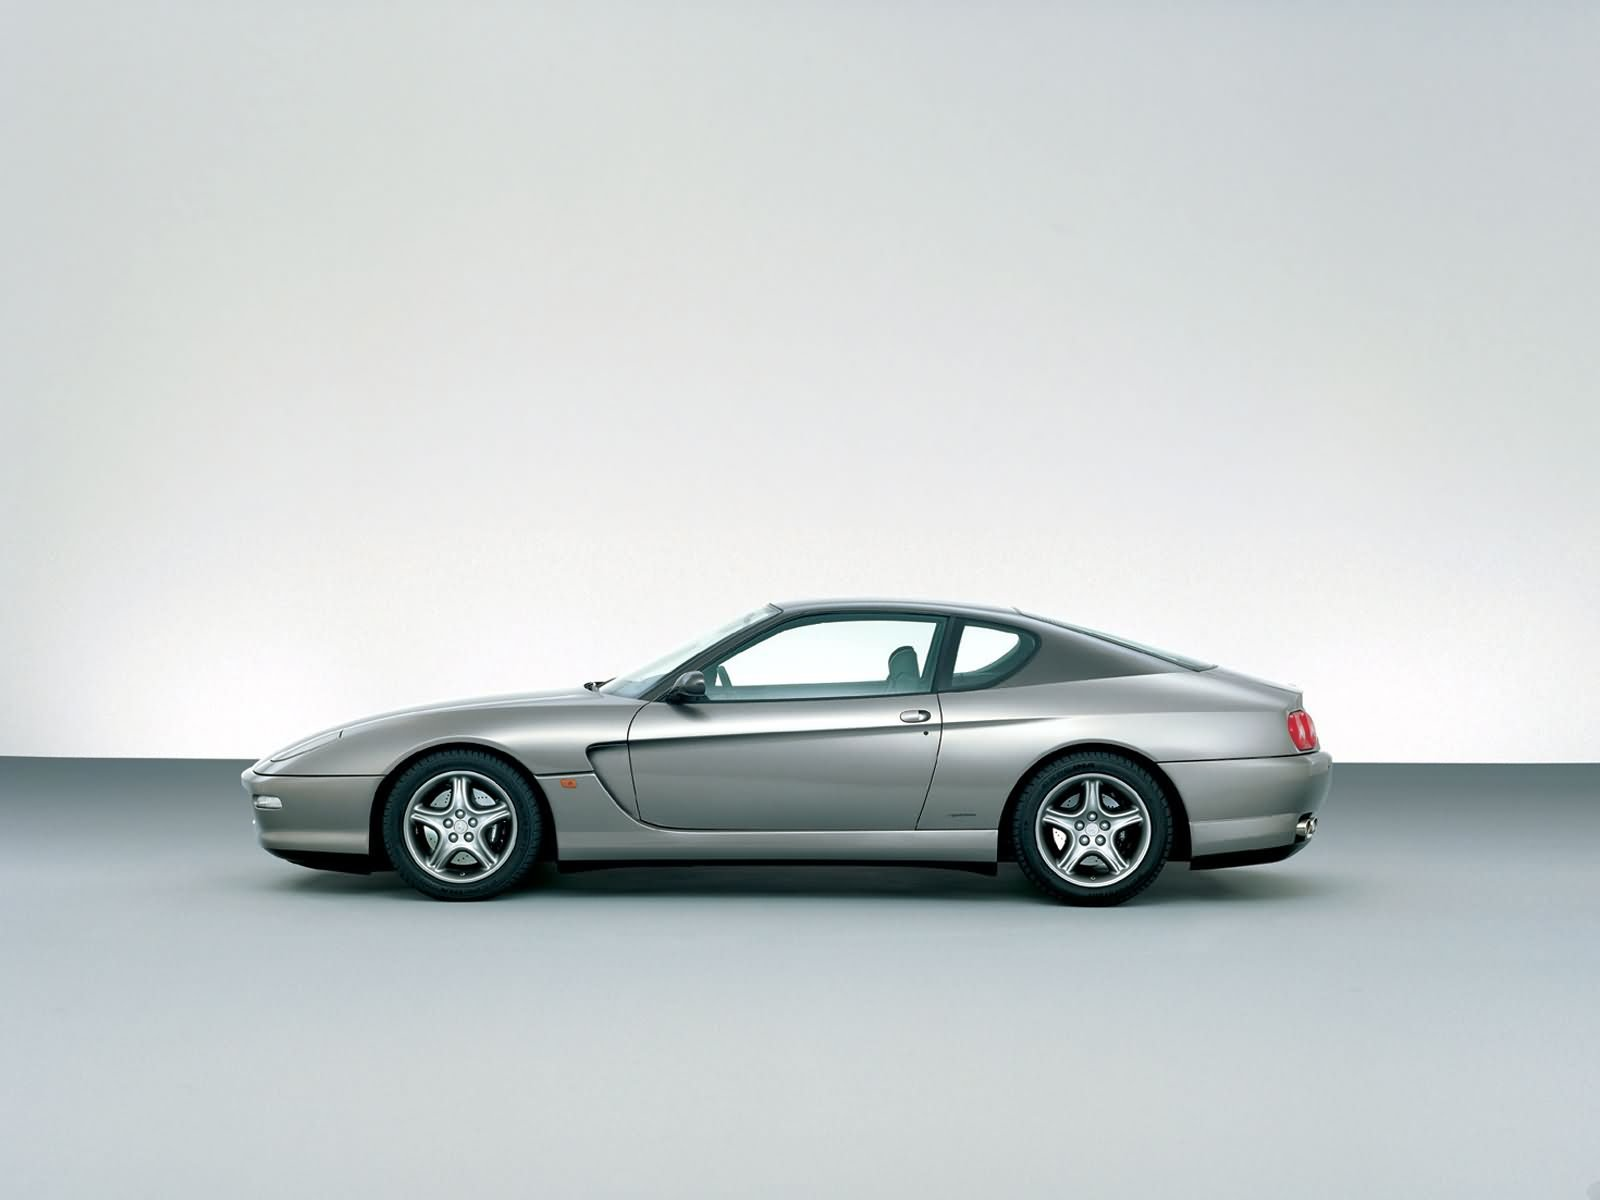 Автомобили фото картинки.